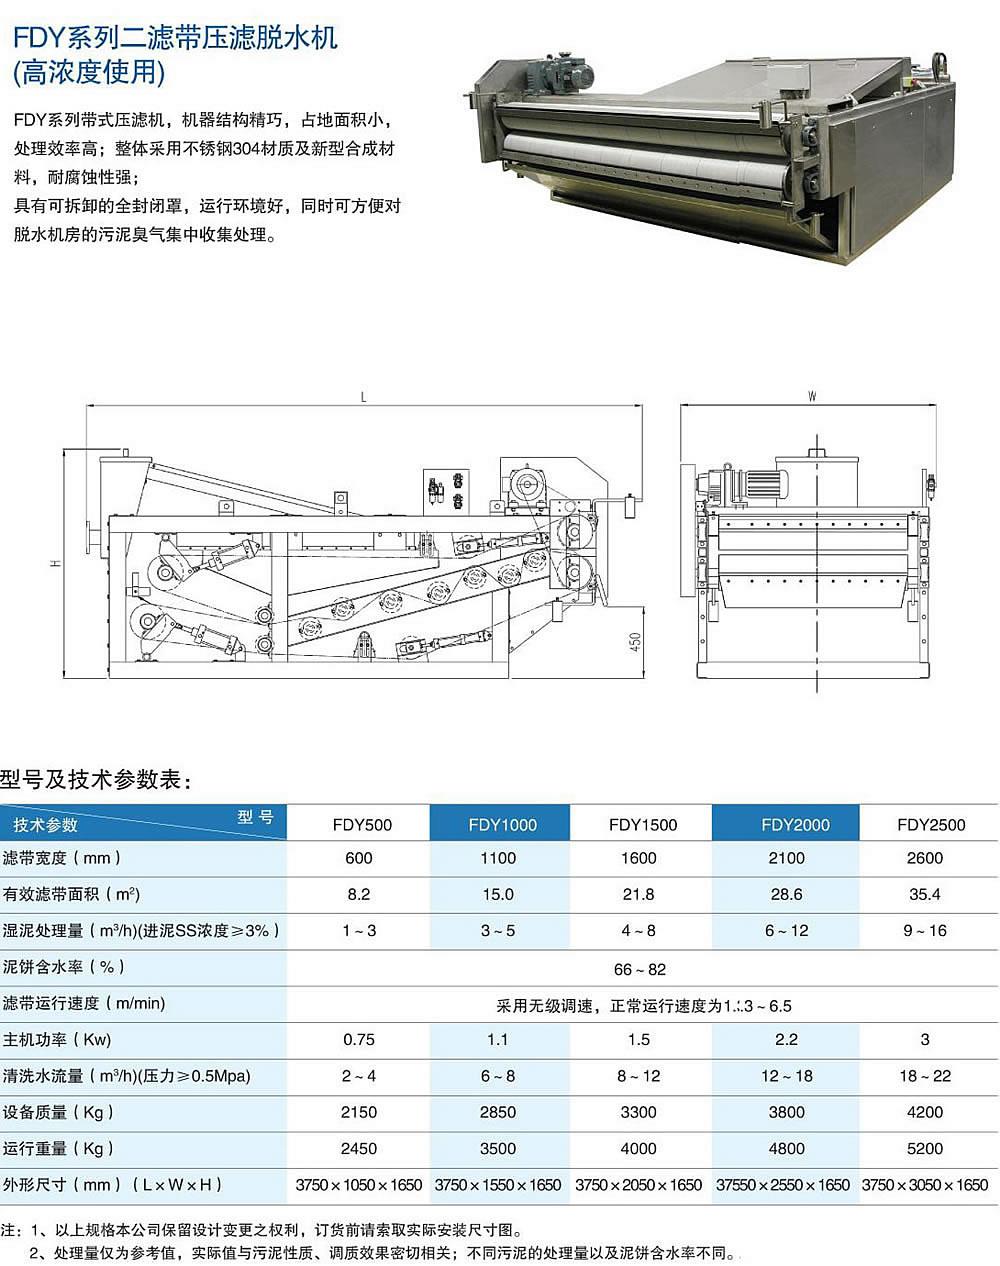 化工污水处理设备-规模大的滤带压滤脱水机生产厂家